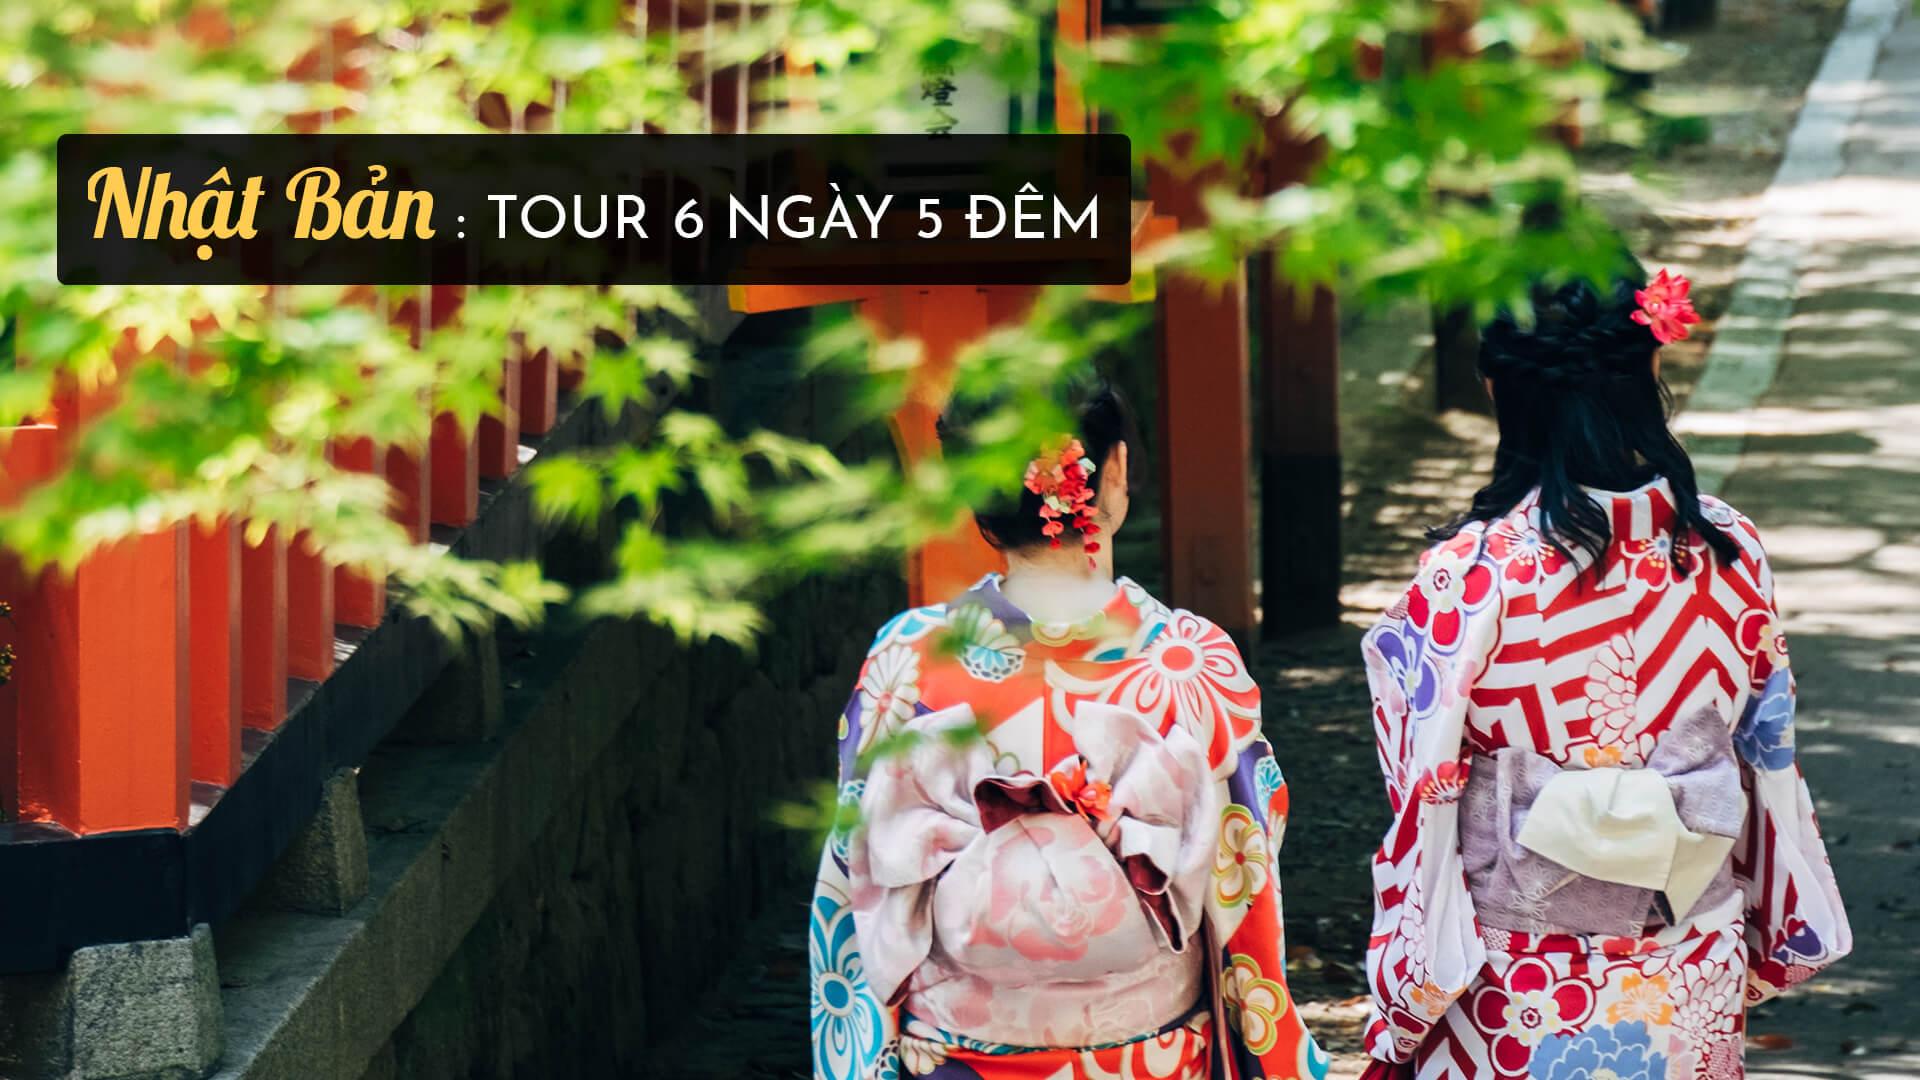 Top 5 tour du lịch Nhật Bản 6 ngày 5 đêm hấp dẫn nhất 2019